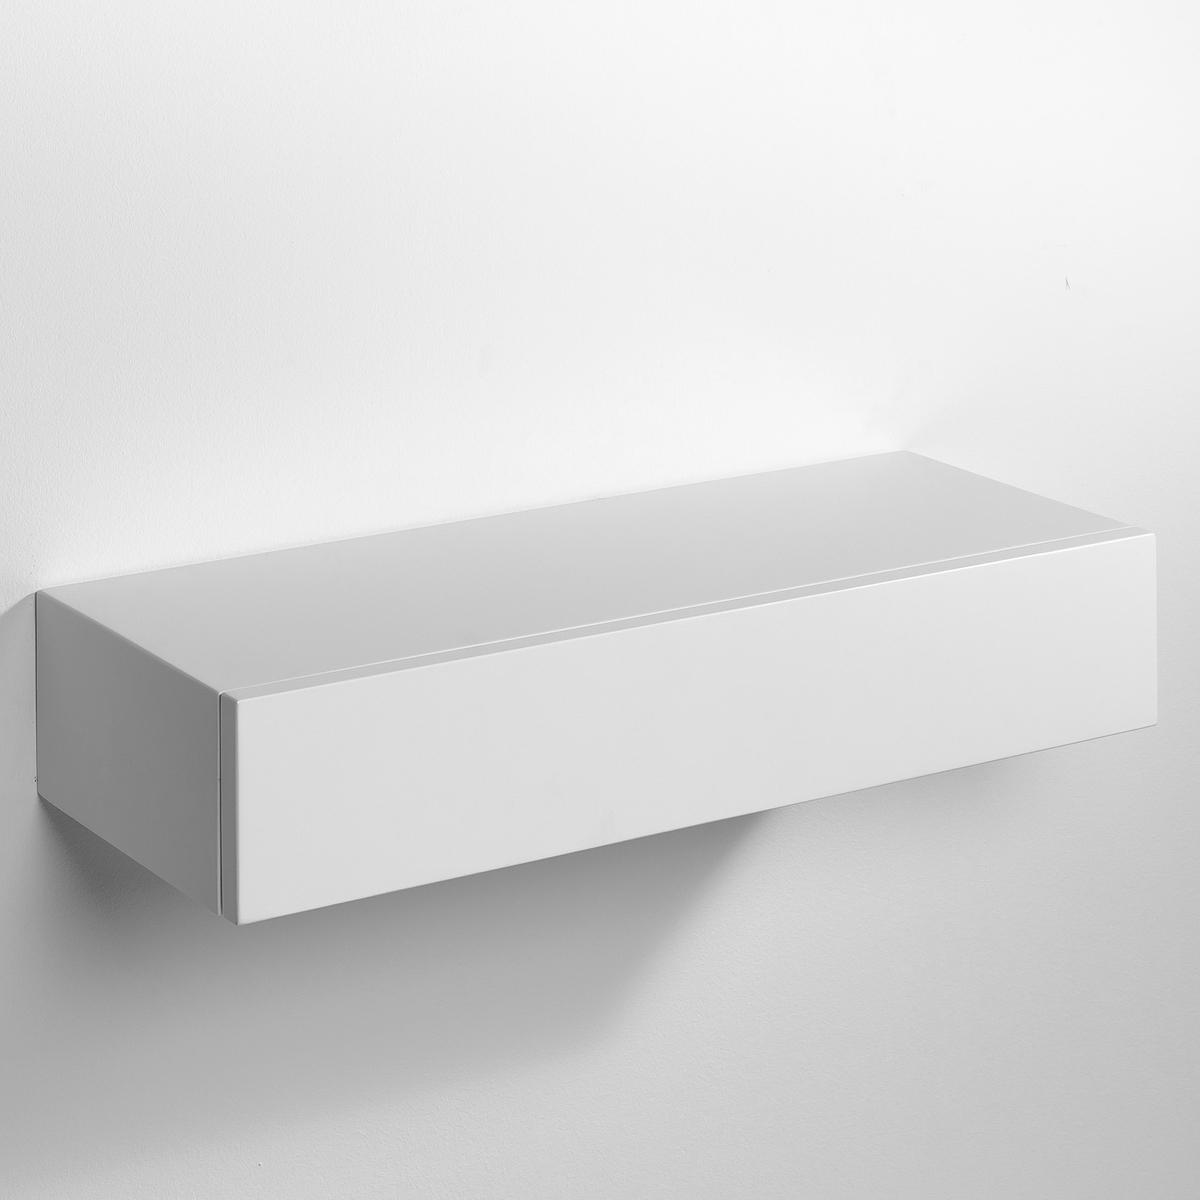 Полка-шкафчик VesperЭта полка-шкафчик незаметно крепится на стену. Можно использовать отдельно или соединять несколько шкафчиков вместе друг над другом.МДФ с лаковым покрытием - нитроцеллюлоза и полиуретан (модель под покраску из массива сосны).Размеры  : Шир..60 x.25 x.12 см.<br><br>Цвет: белый,черный<br>Размер: единый размер